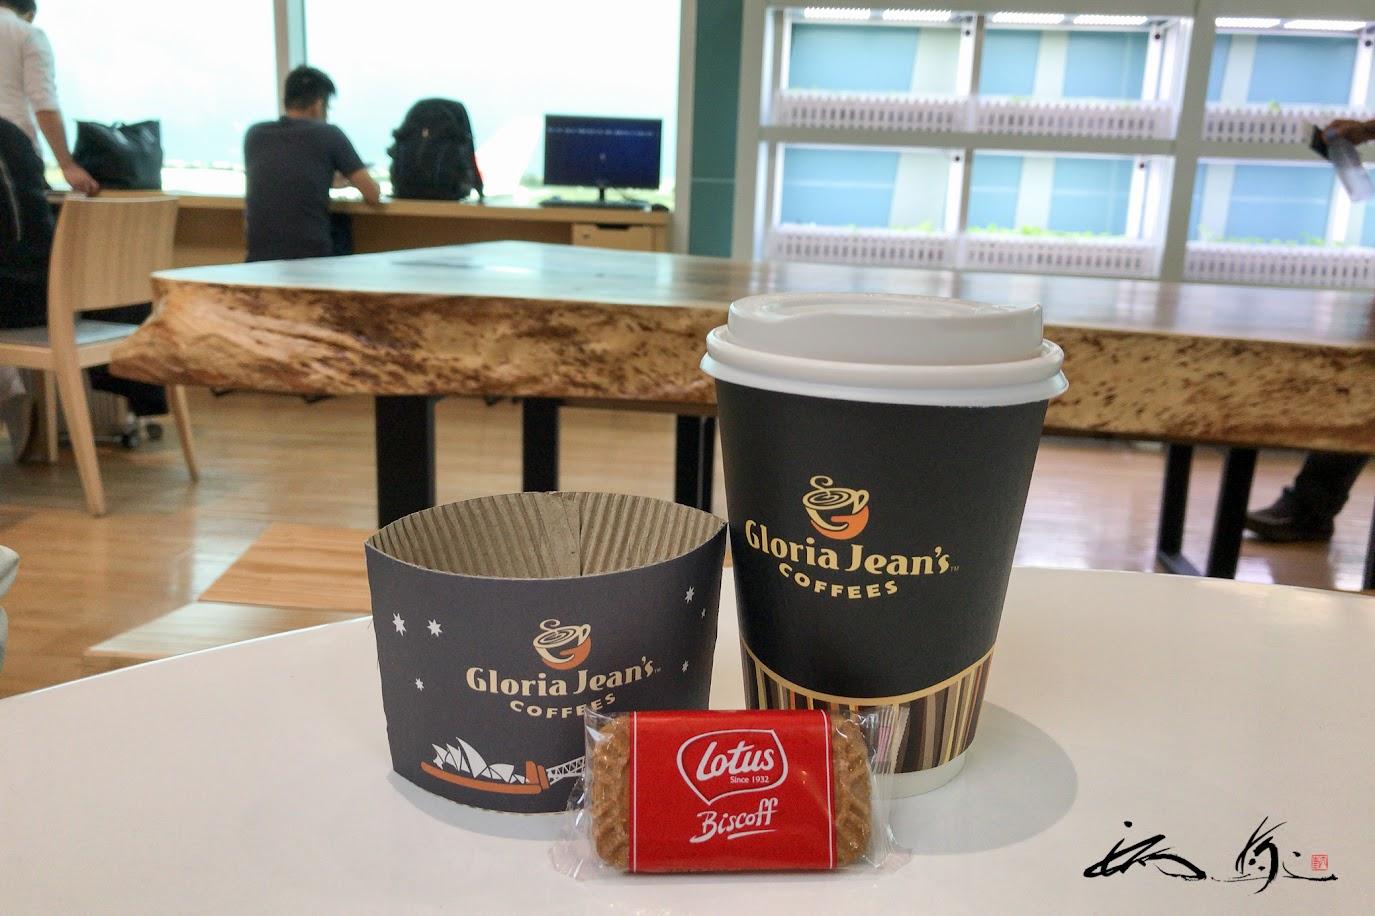 ロータスクッキーと一緒に、フレバーコーヒー・Gloria Jean's COFFEES(グロリア・ジーンズ・コーヒー)